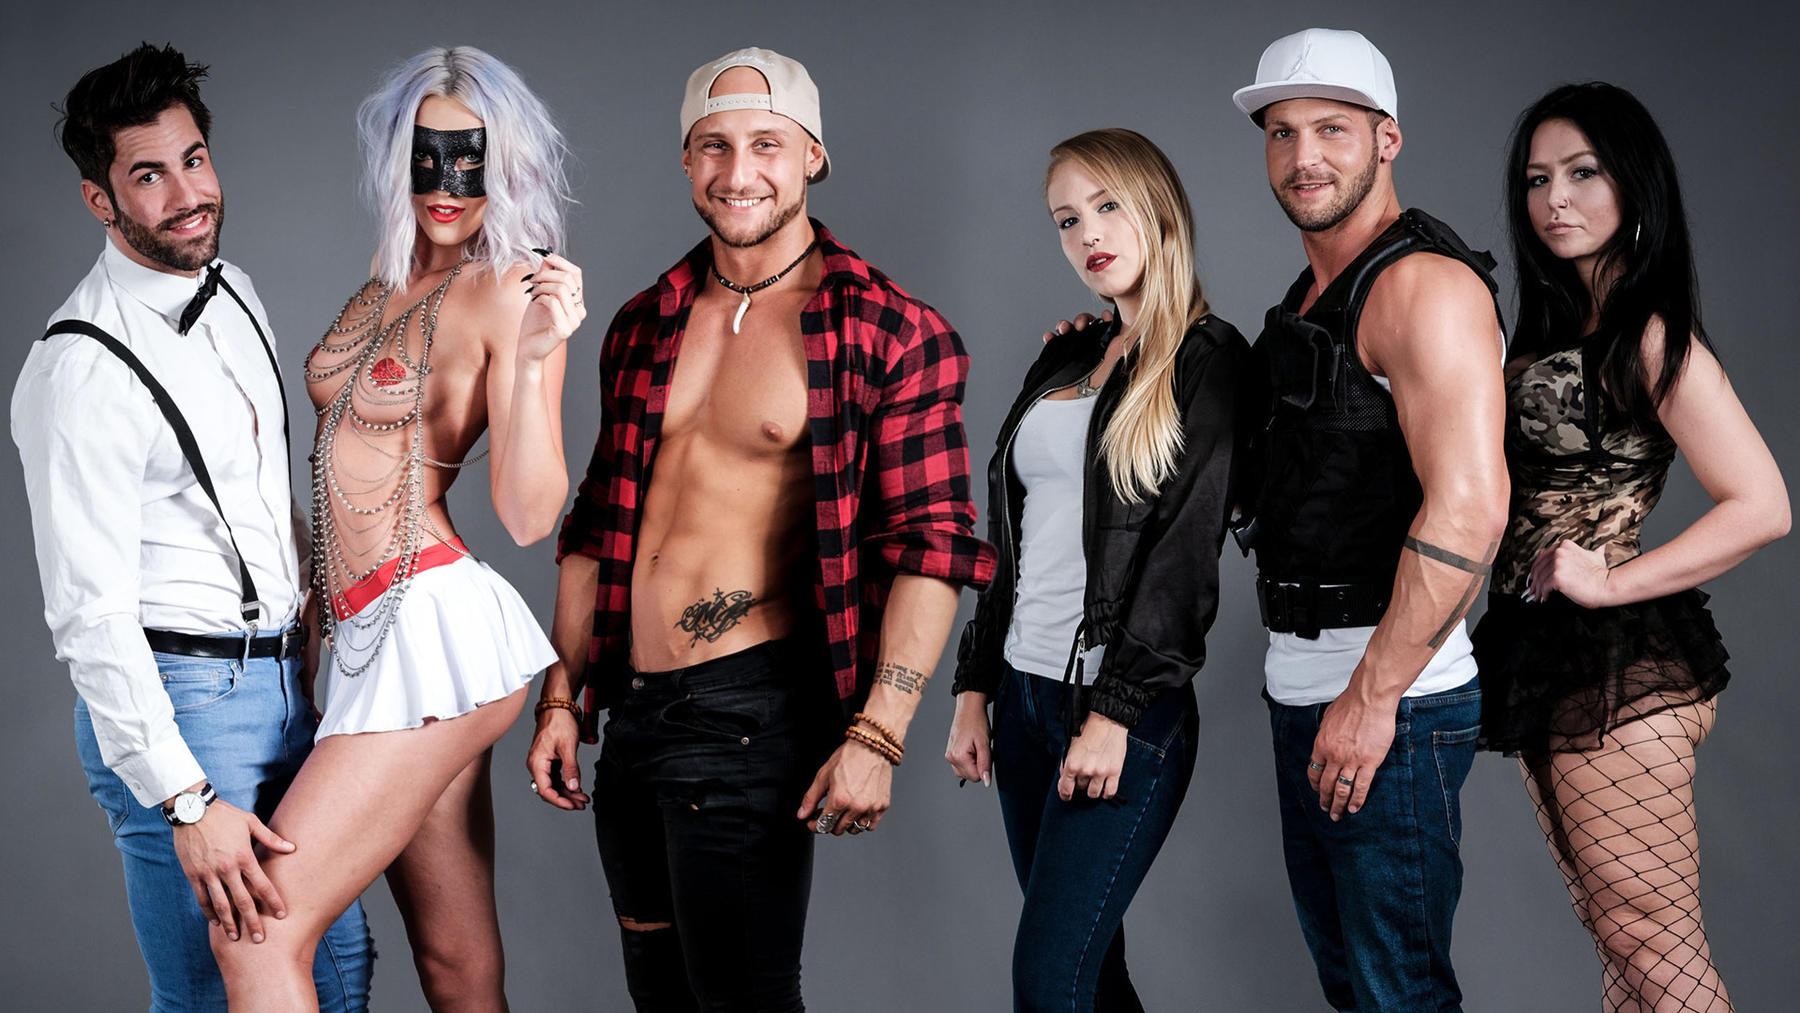 Chris hat seine eigene Stripper-Agentur gegründet